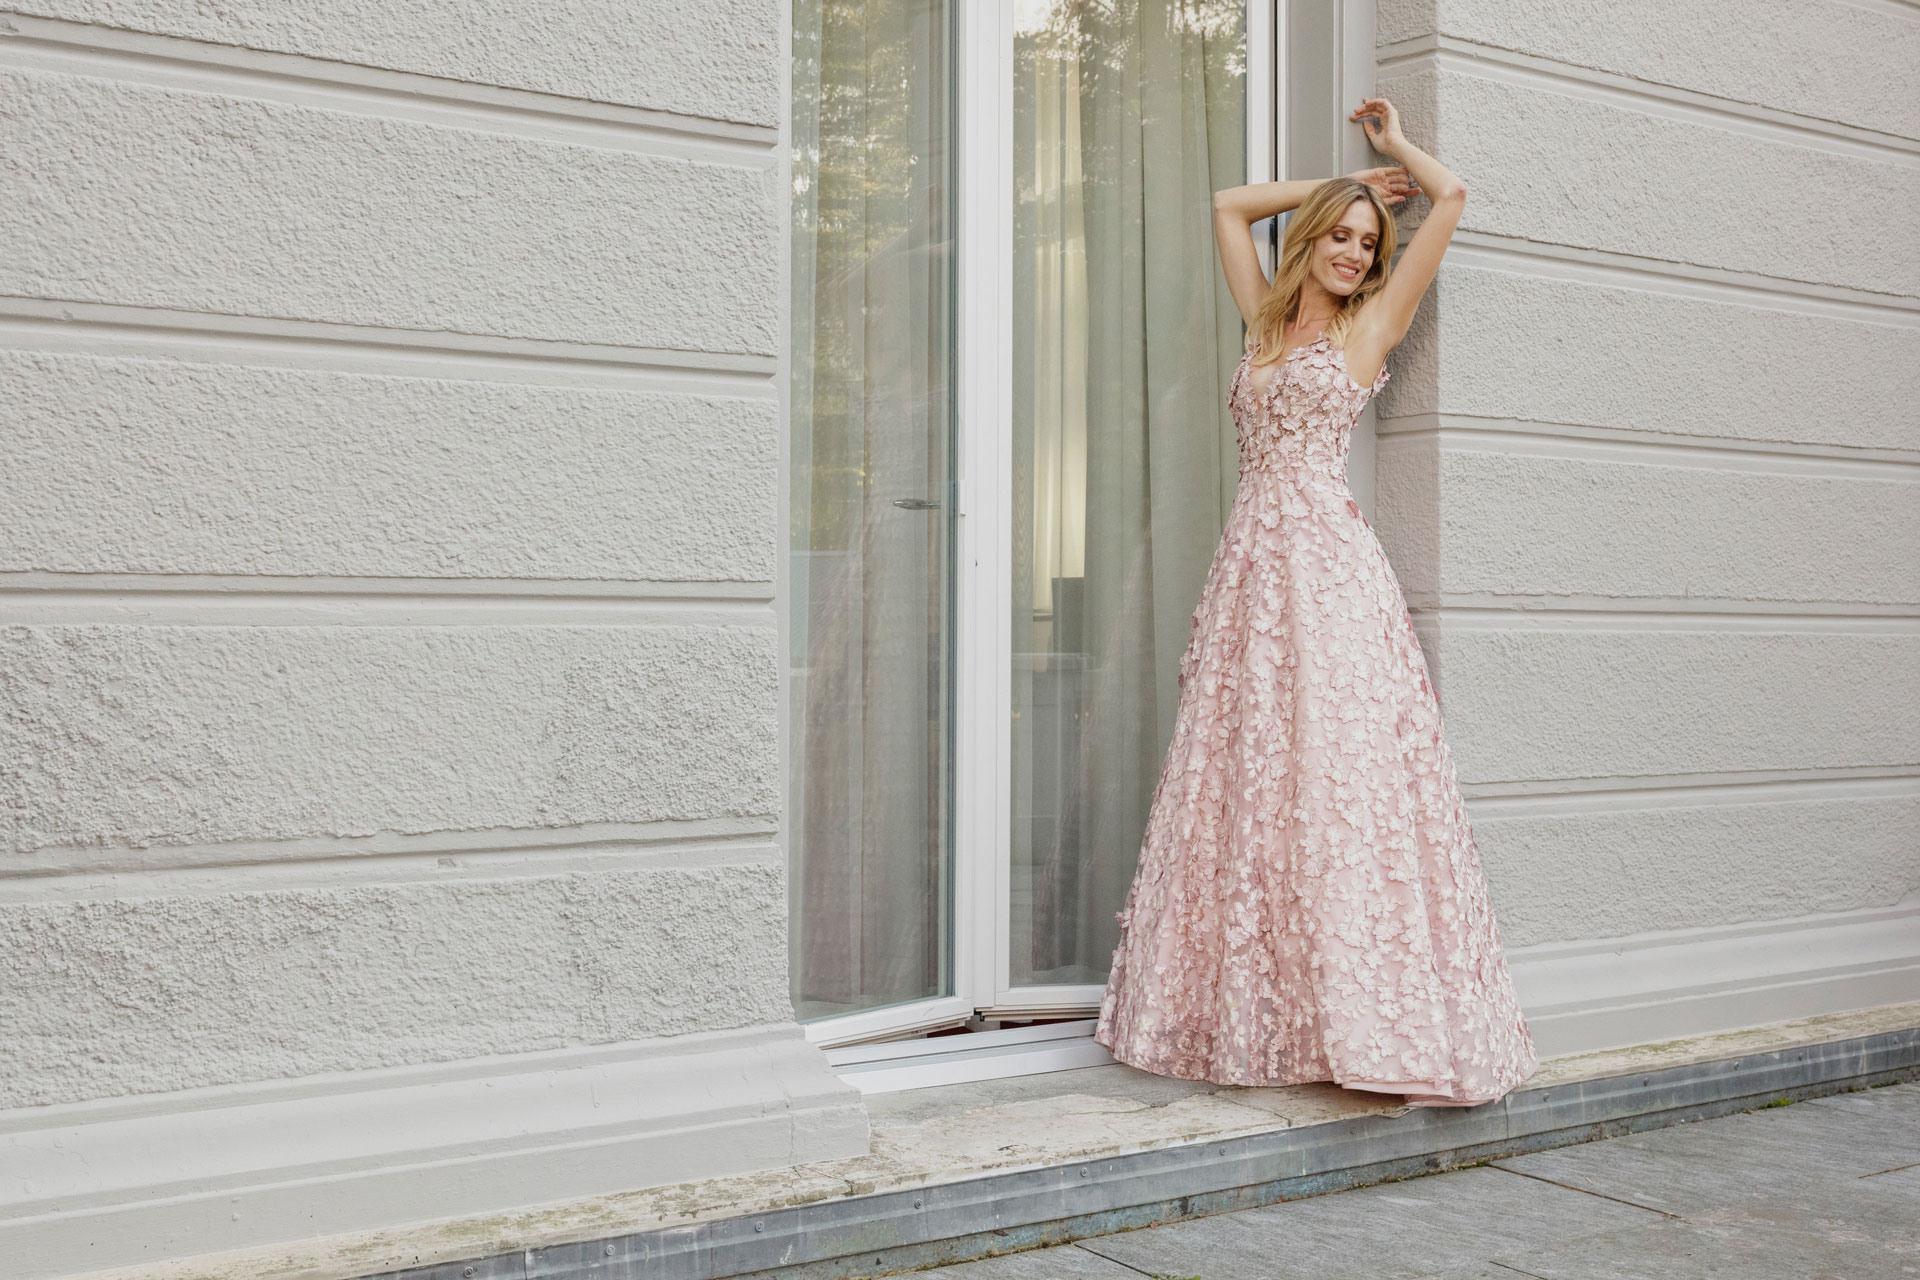 Abend Genial Abendkleider Bern VertriebFormal Einfach Abendkleider Bern Stylish